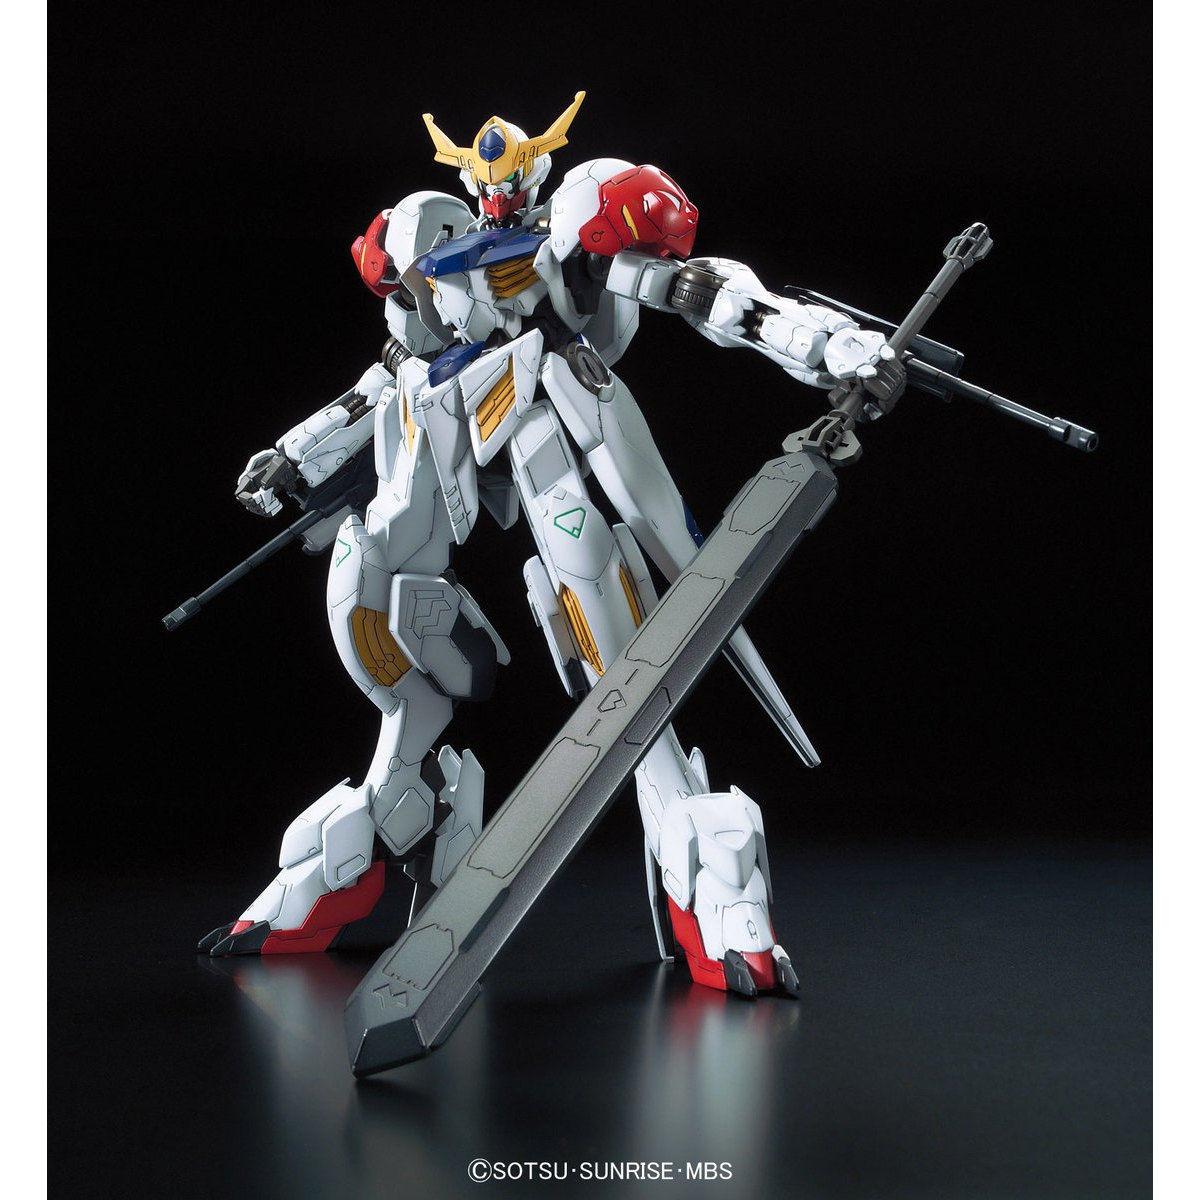 フルメカニクス 001 1/100 ASW-G-08 ガンダムバルバトスルプス [Gundam Barbatos] 5056825 4573102568250 0211951 4549660119517